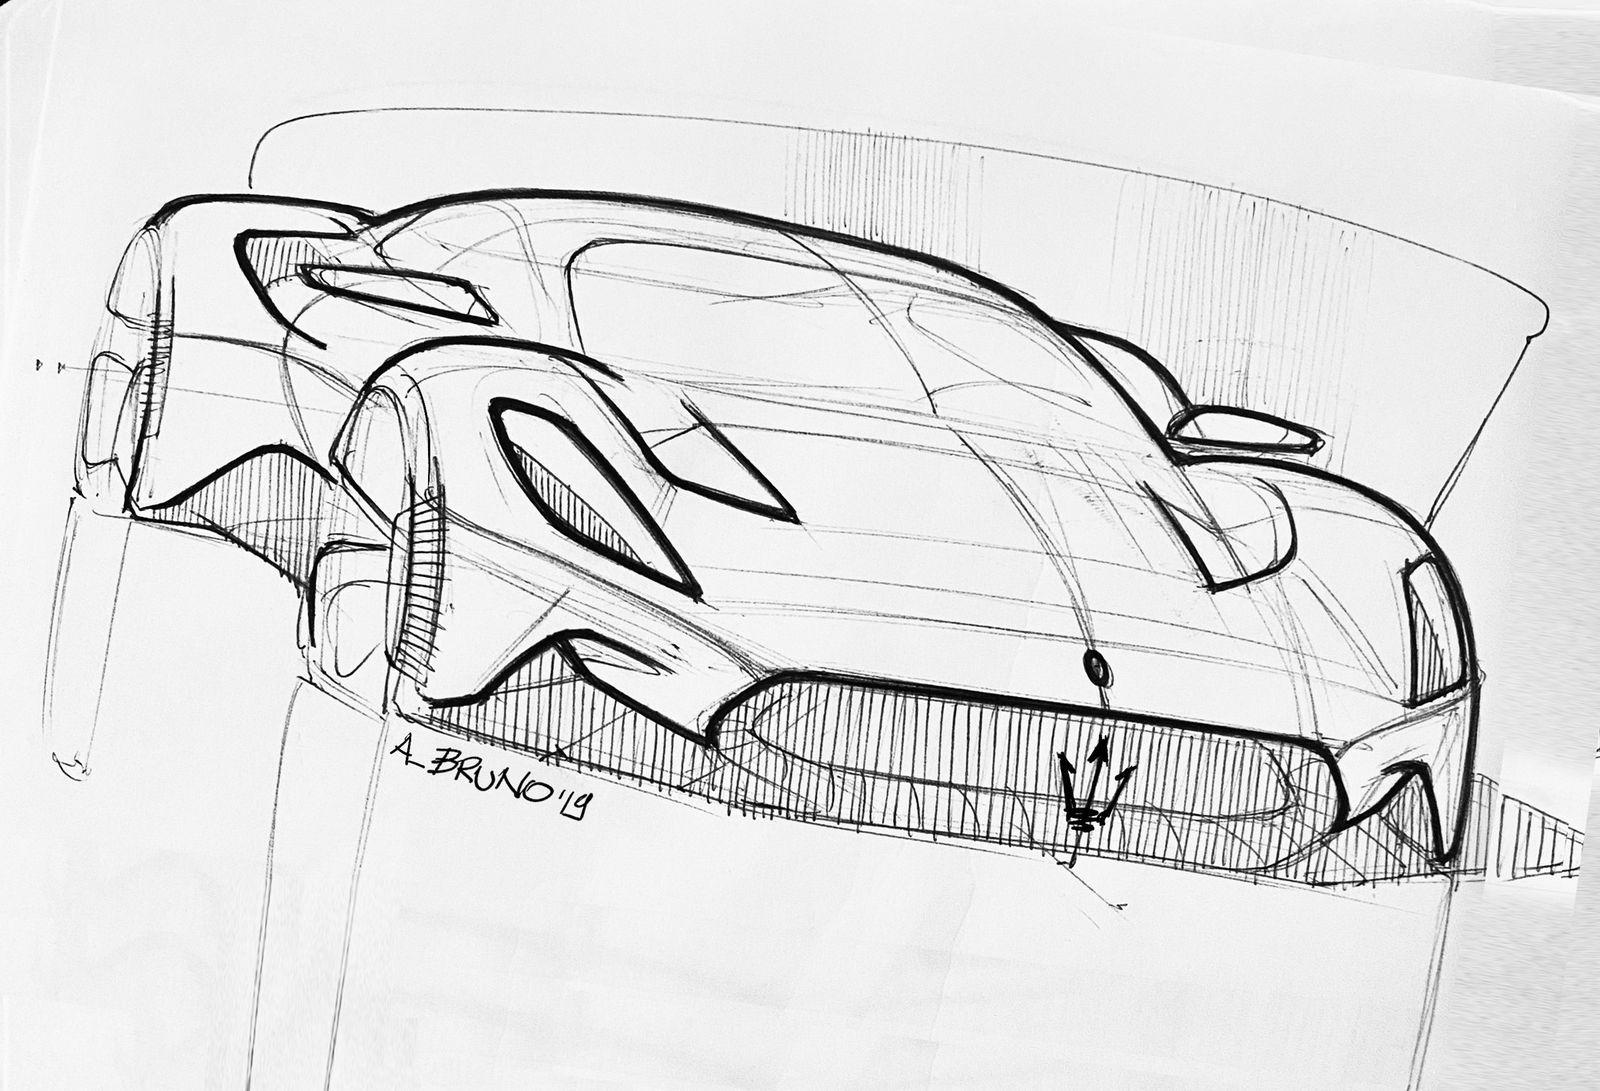 MaseratiMC20_2021_60